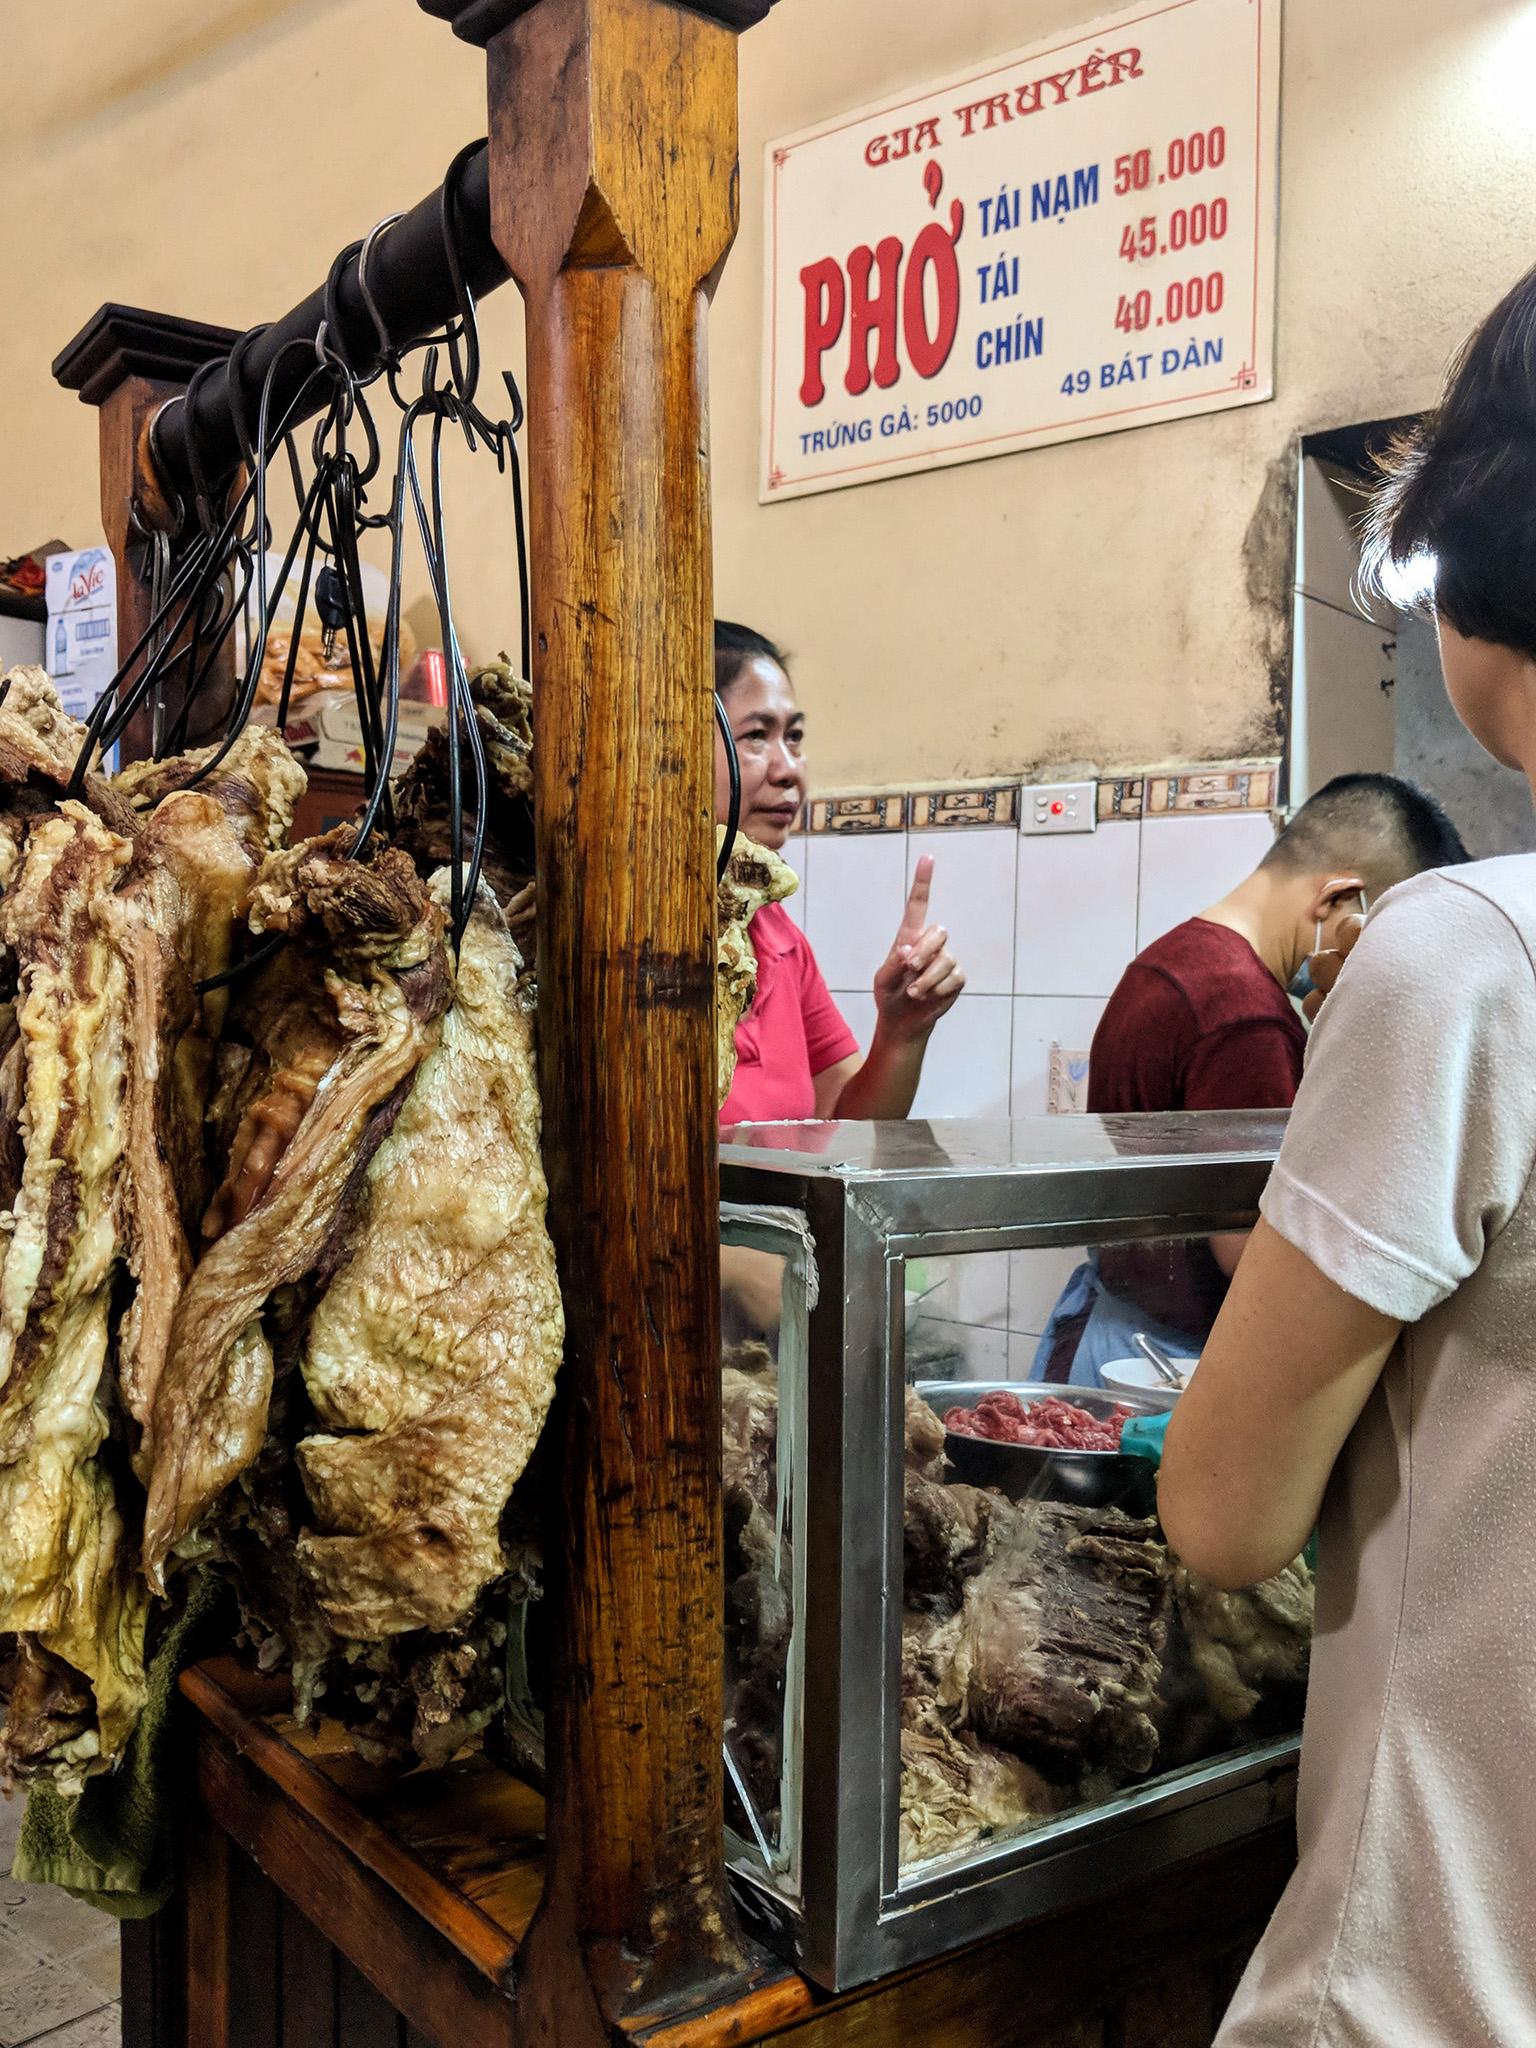 Phở counter at Phở Gia Truyền Hà Nội